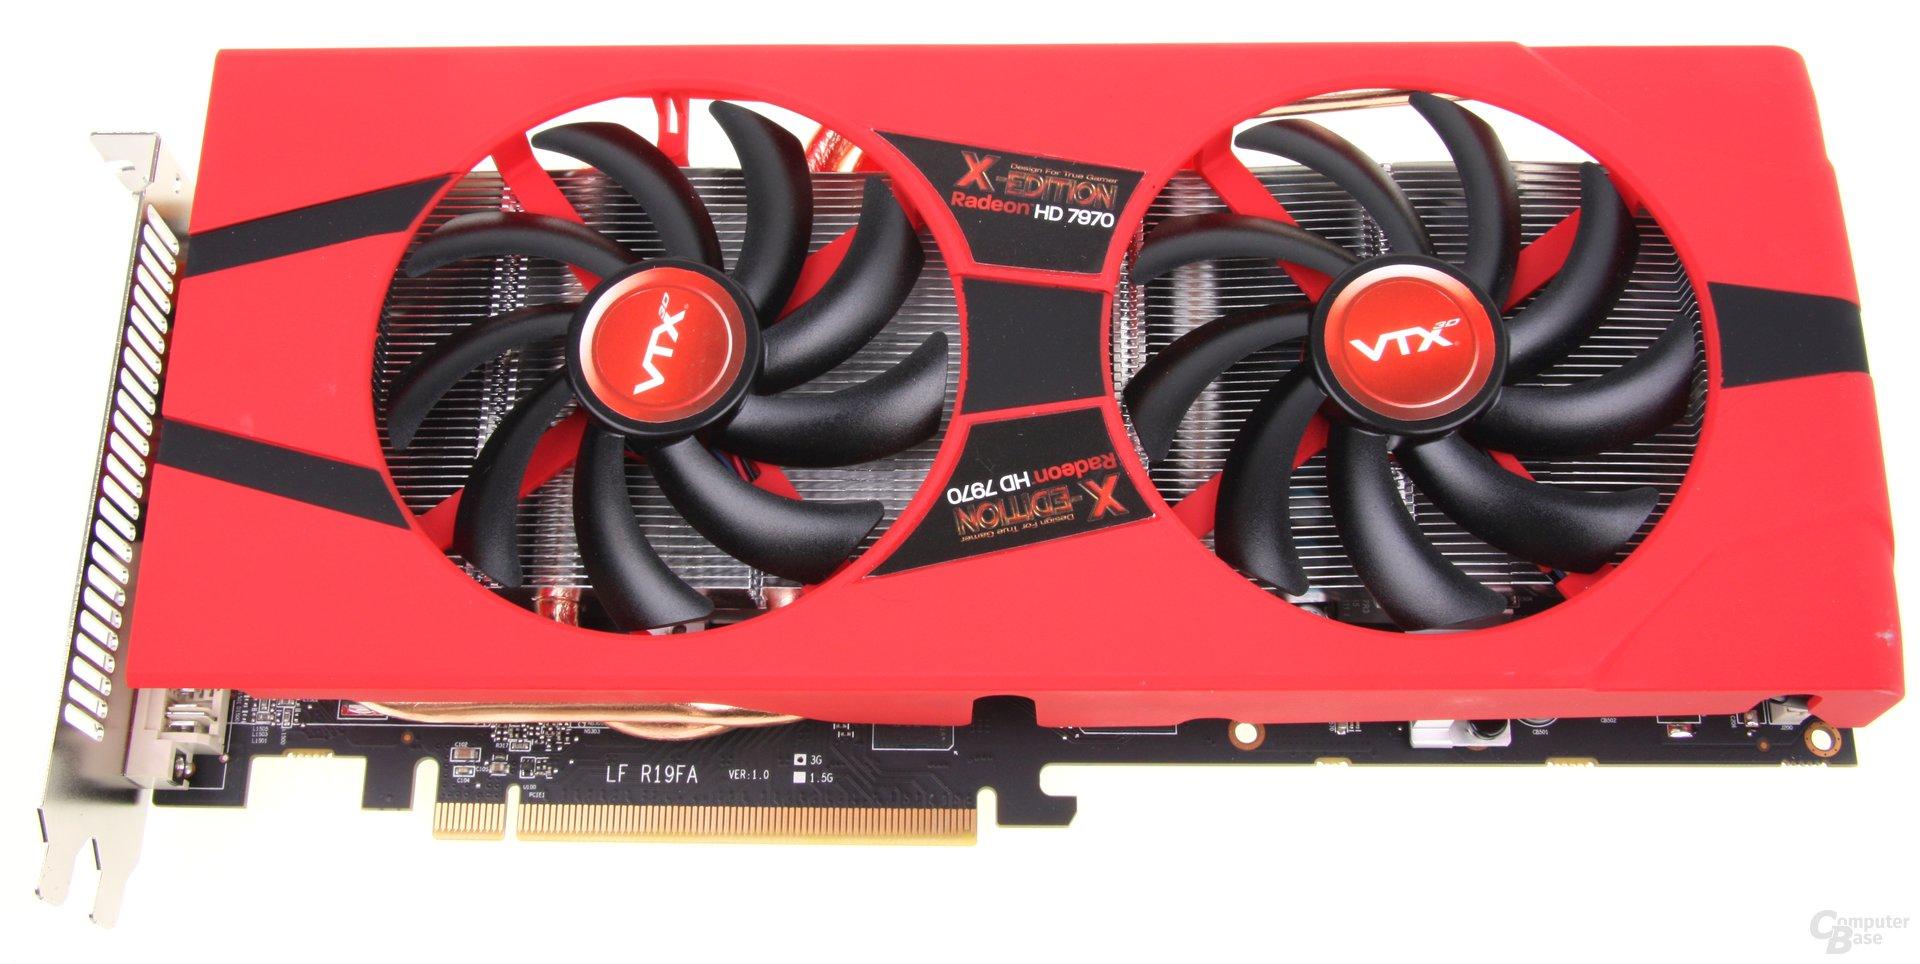 VTX3D Radeon HD 7970 X-Edition